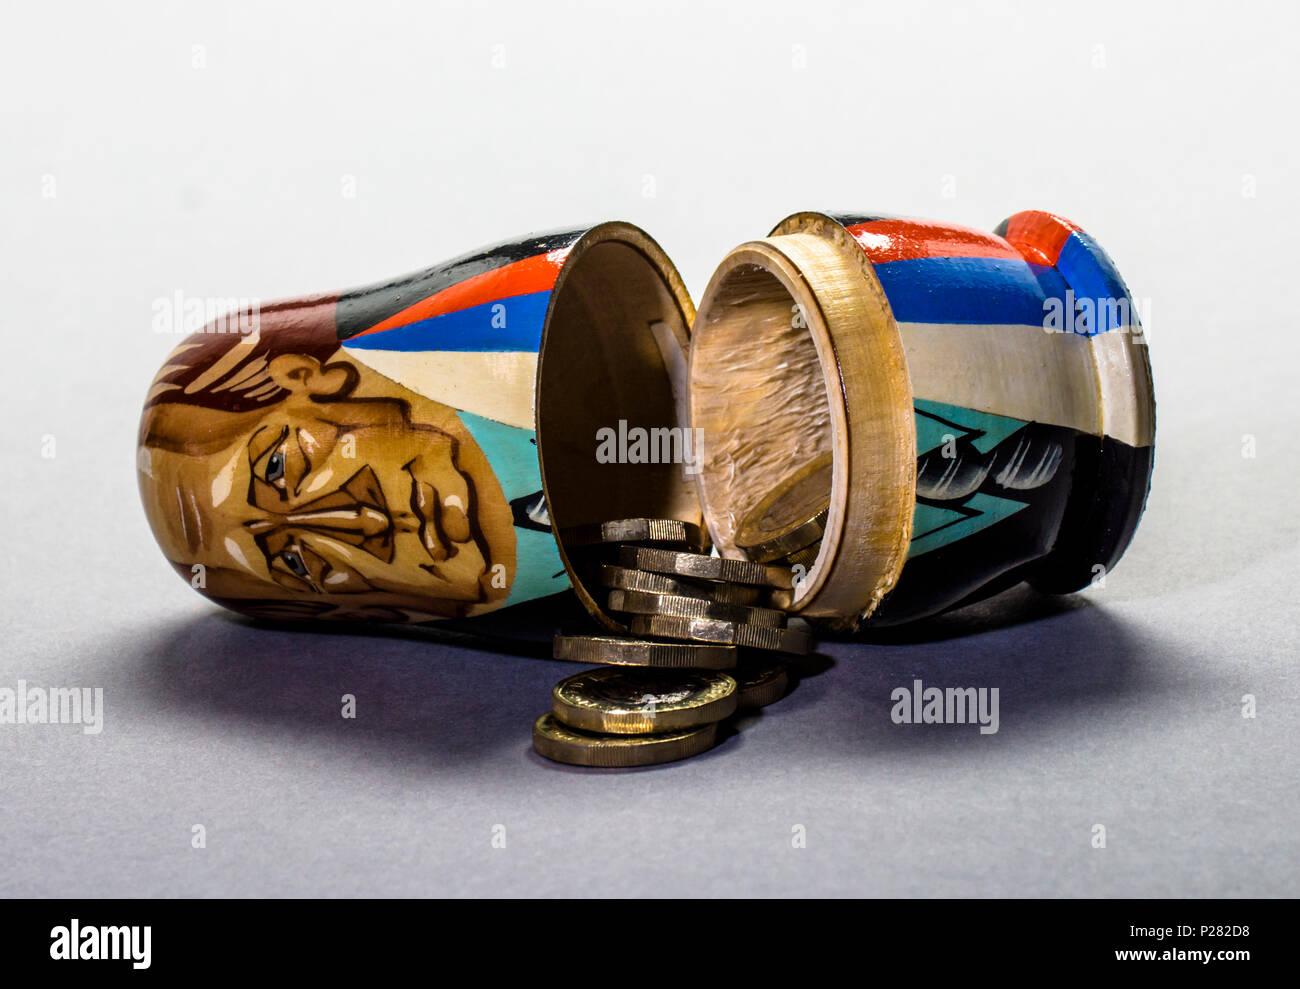 Politische Und Finanzielle Konzept Bilder Moderne Eine Matrjoschka  (russische Puppe) Mit Geld Innerhalb